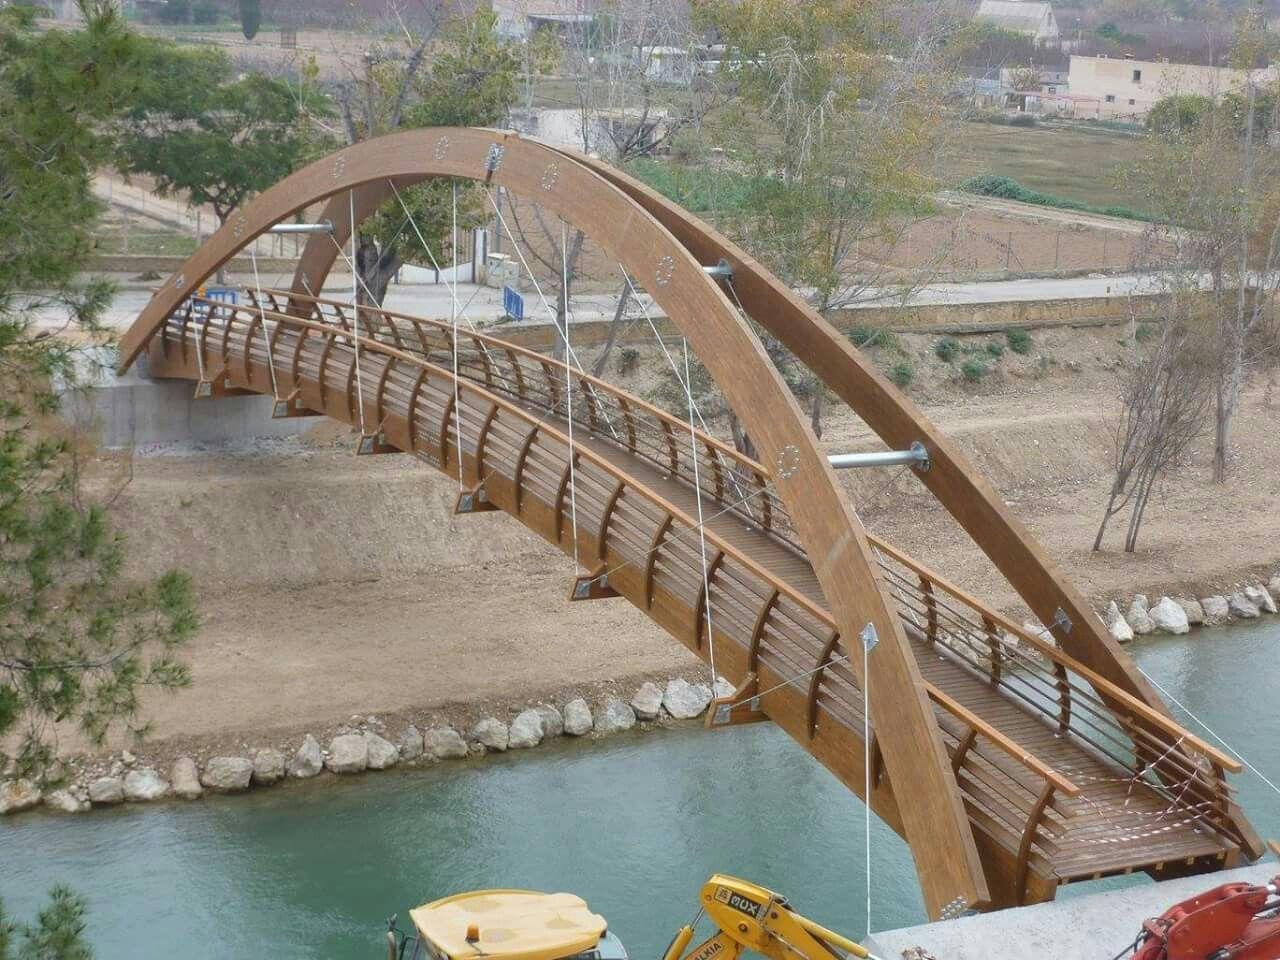 Puente Madera. Pasarela Wood Bridge. Timber Bridge